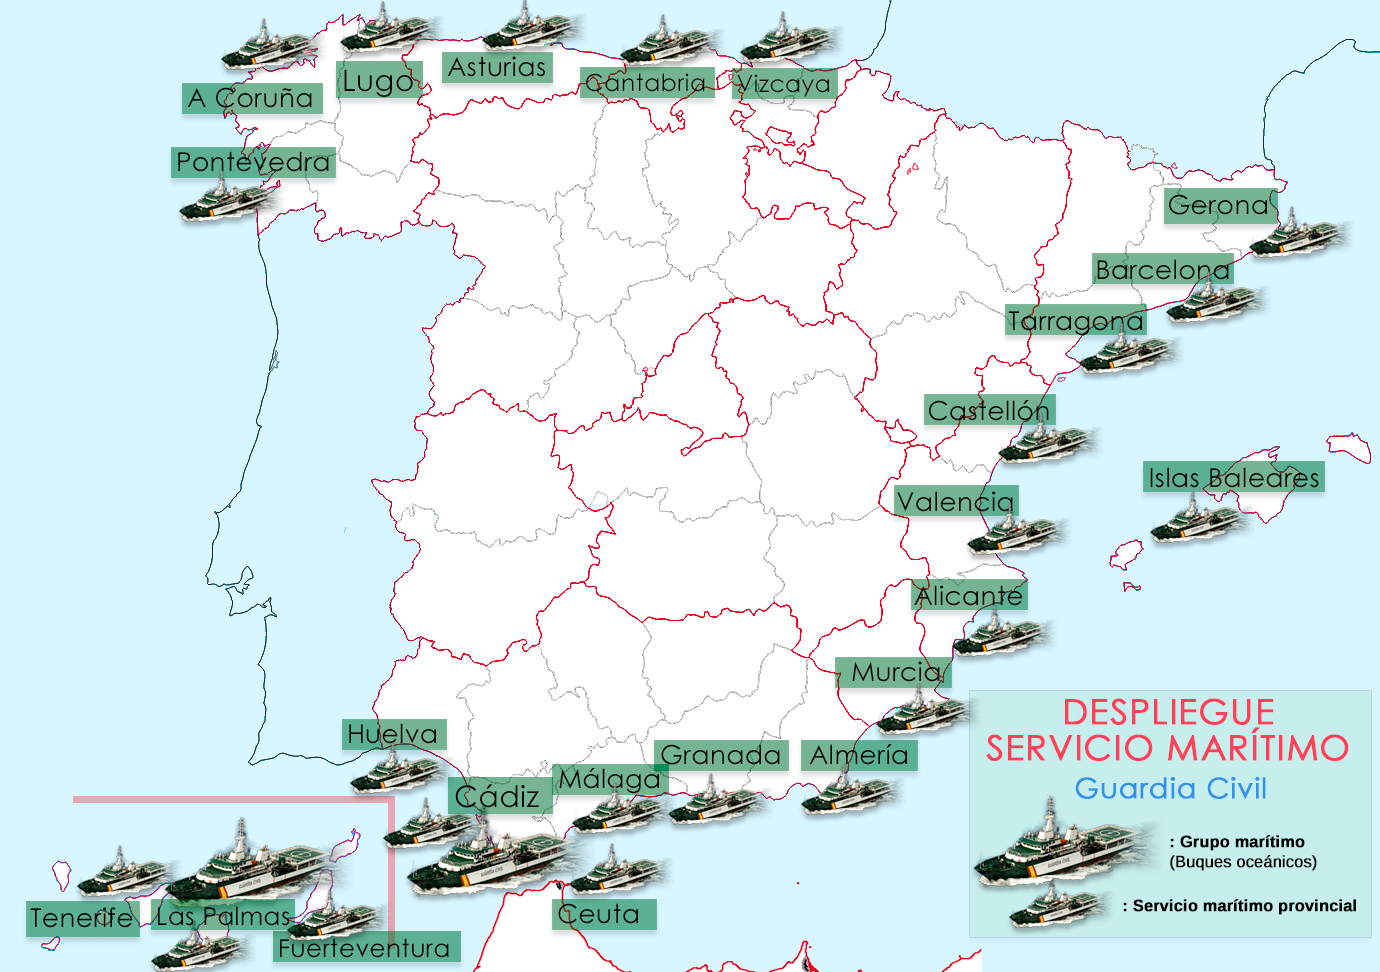 Aguas Territoriales Españolas Mapa.El Mar